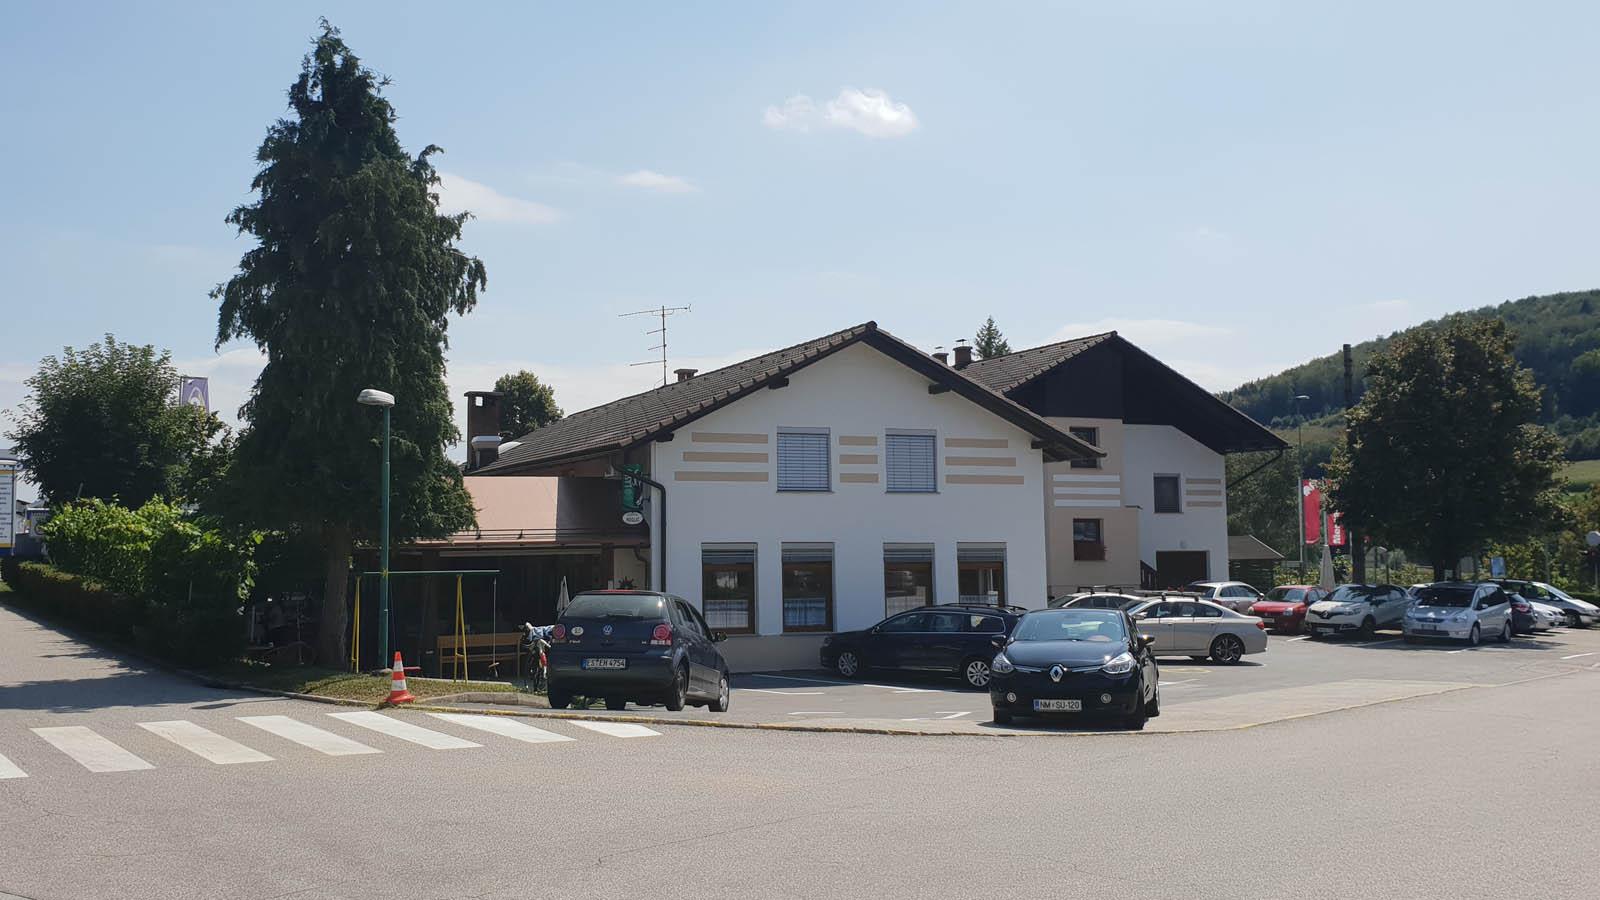 Slider spletne strani gostilne Meglic, na kateri je slikano posestvo in parkirišče